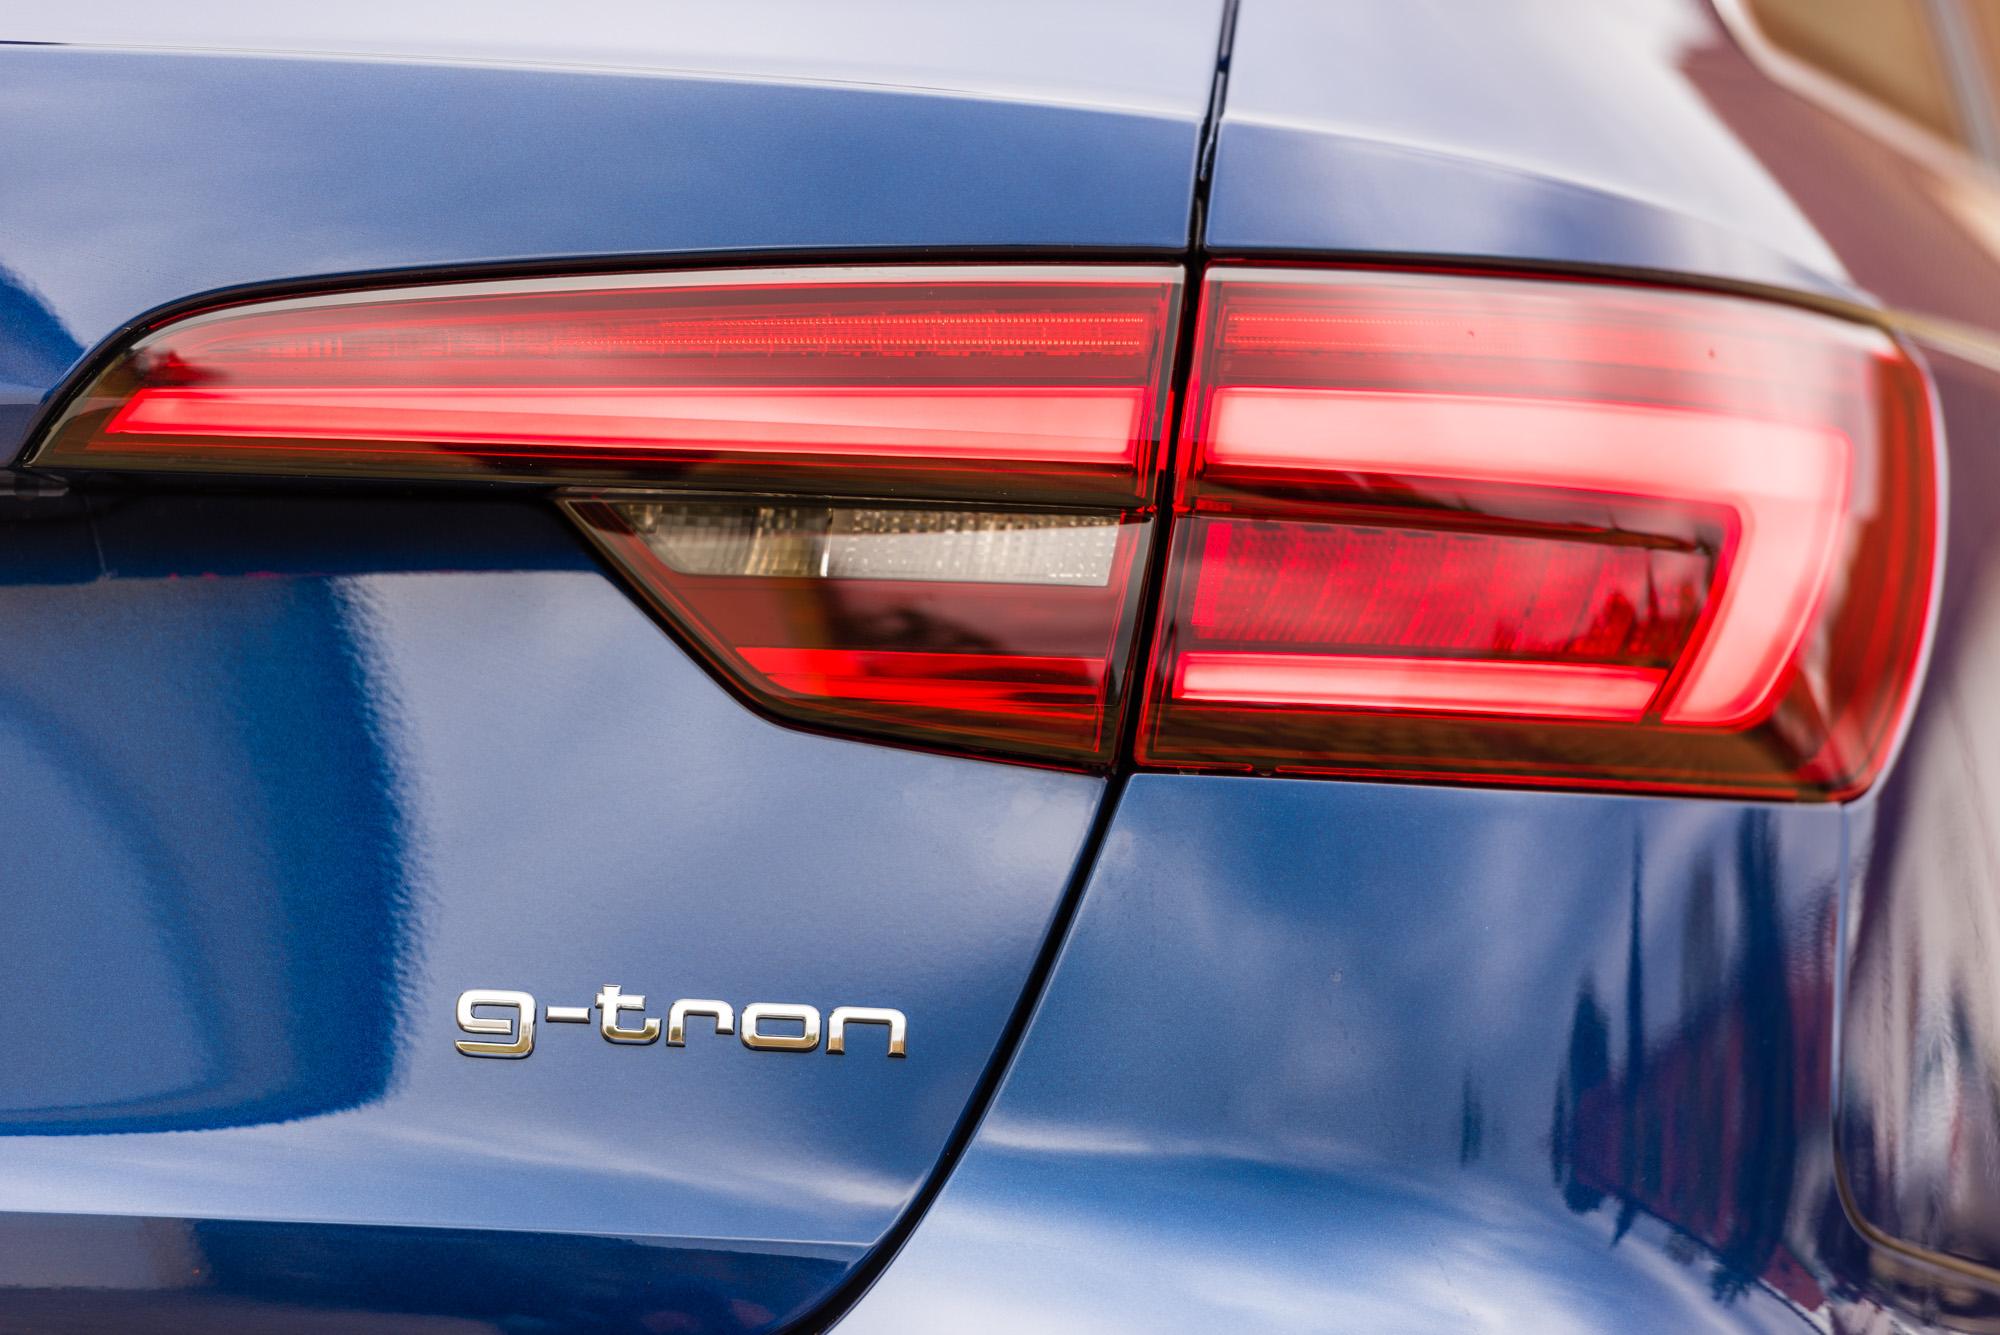 test-Audi_A4_g-tron